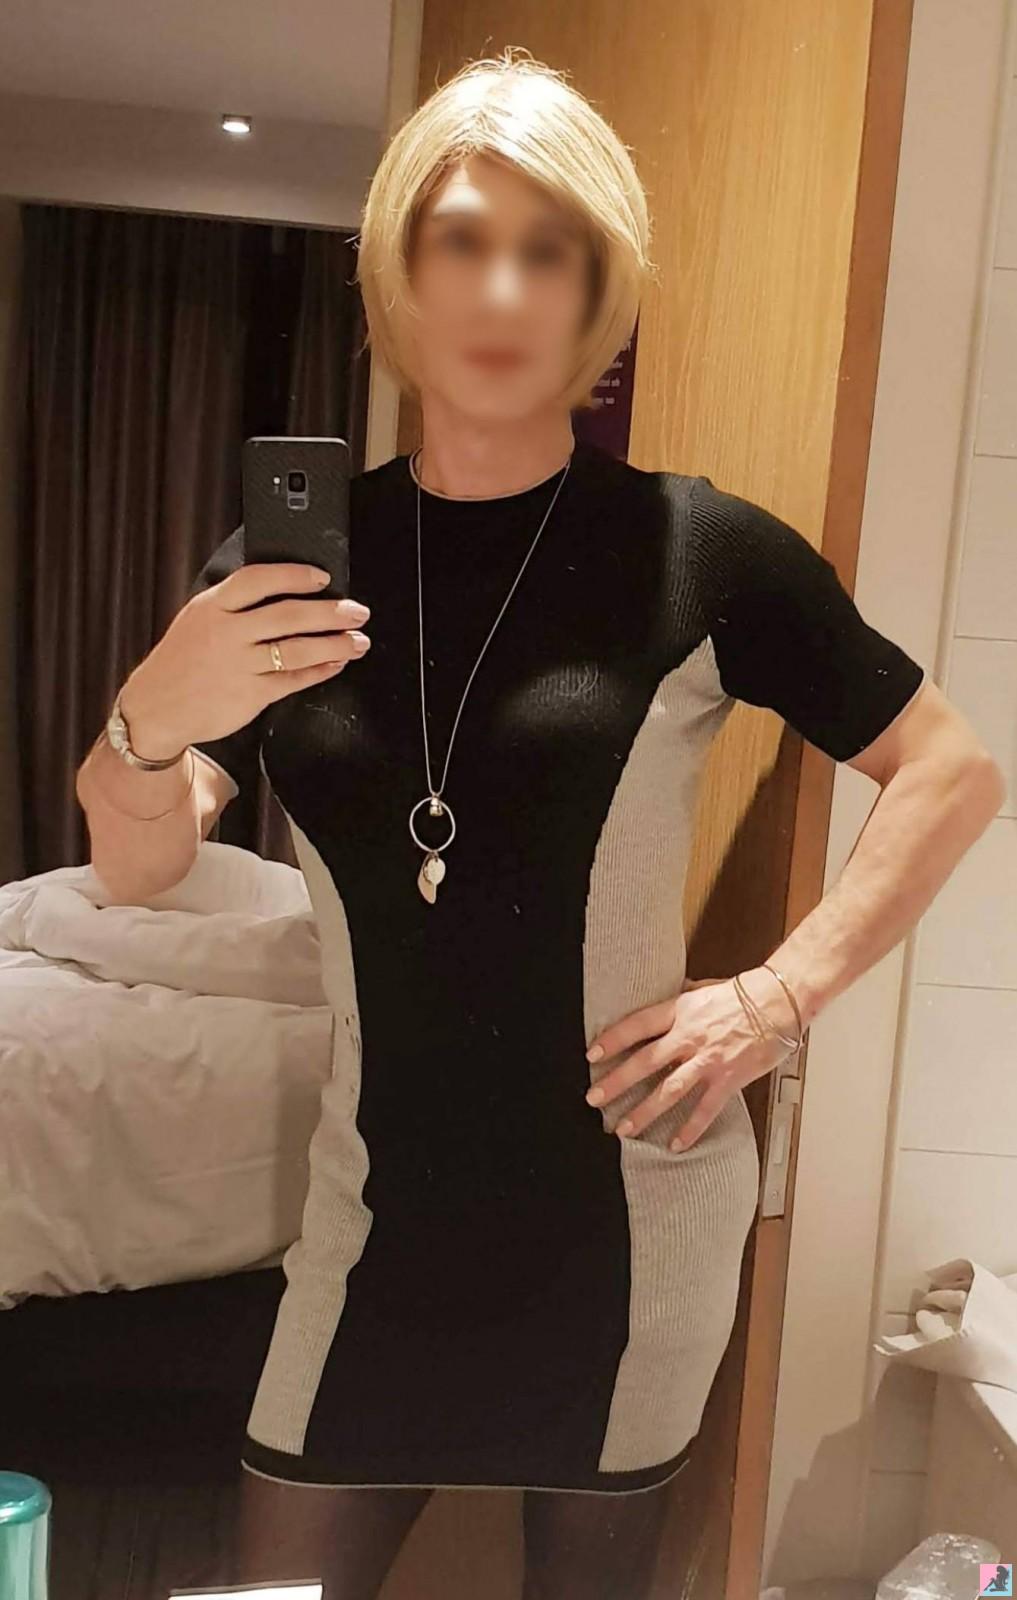 surrey Transvestites in